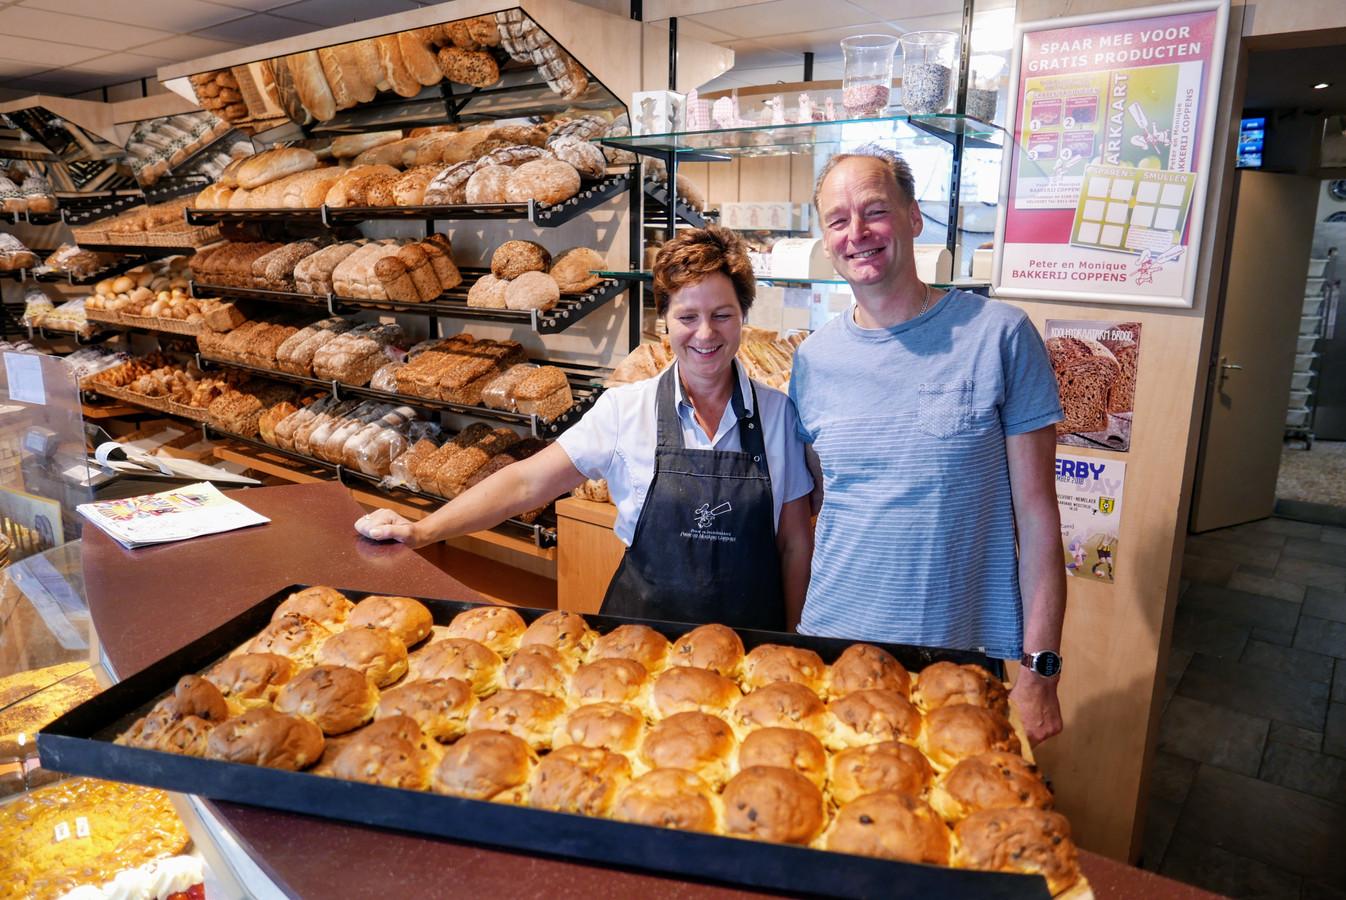 Monique en Peter Coppens van de gelijknamige bakkerij in Helvoirt: de krentenbollen konden vanochtend ondanks de stroomstoring van een uur toch gemaakt worden. Maar op het nippertje.